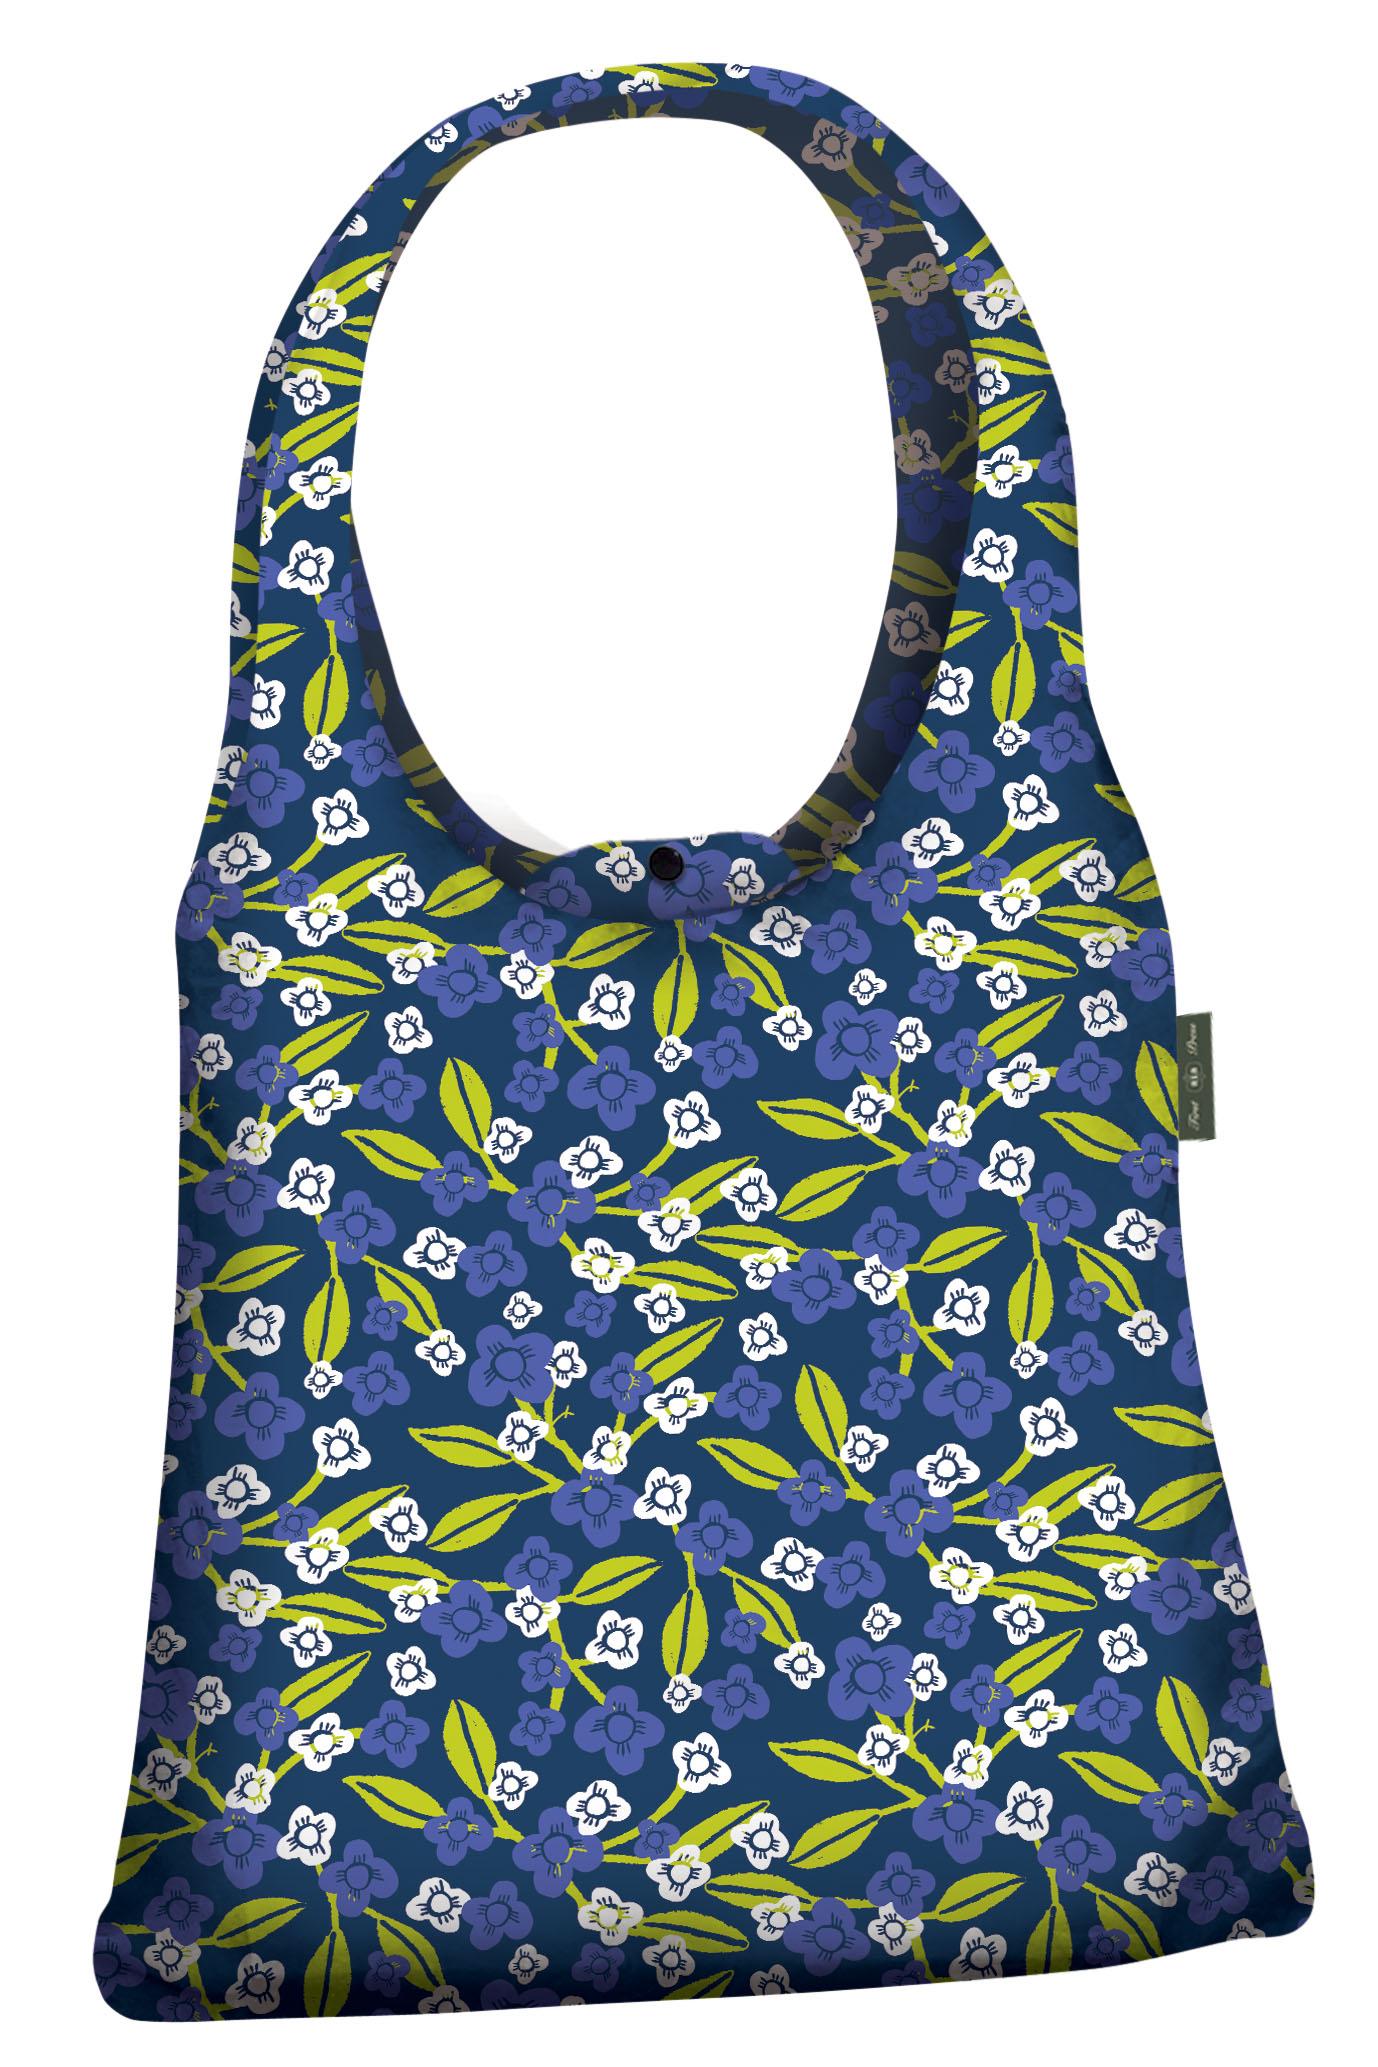 744e9cd8c9d Roger la Borde Fabric Shoulder Bag - Dark Blue print